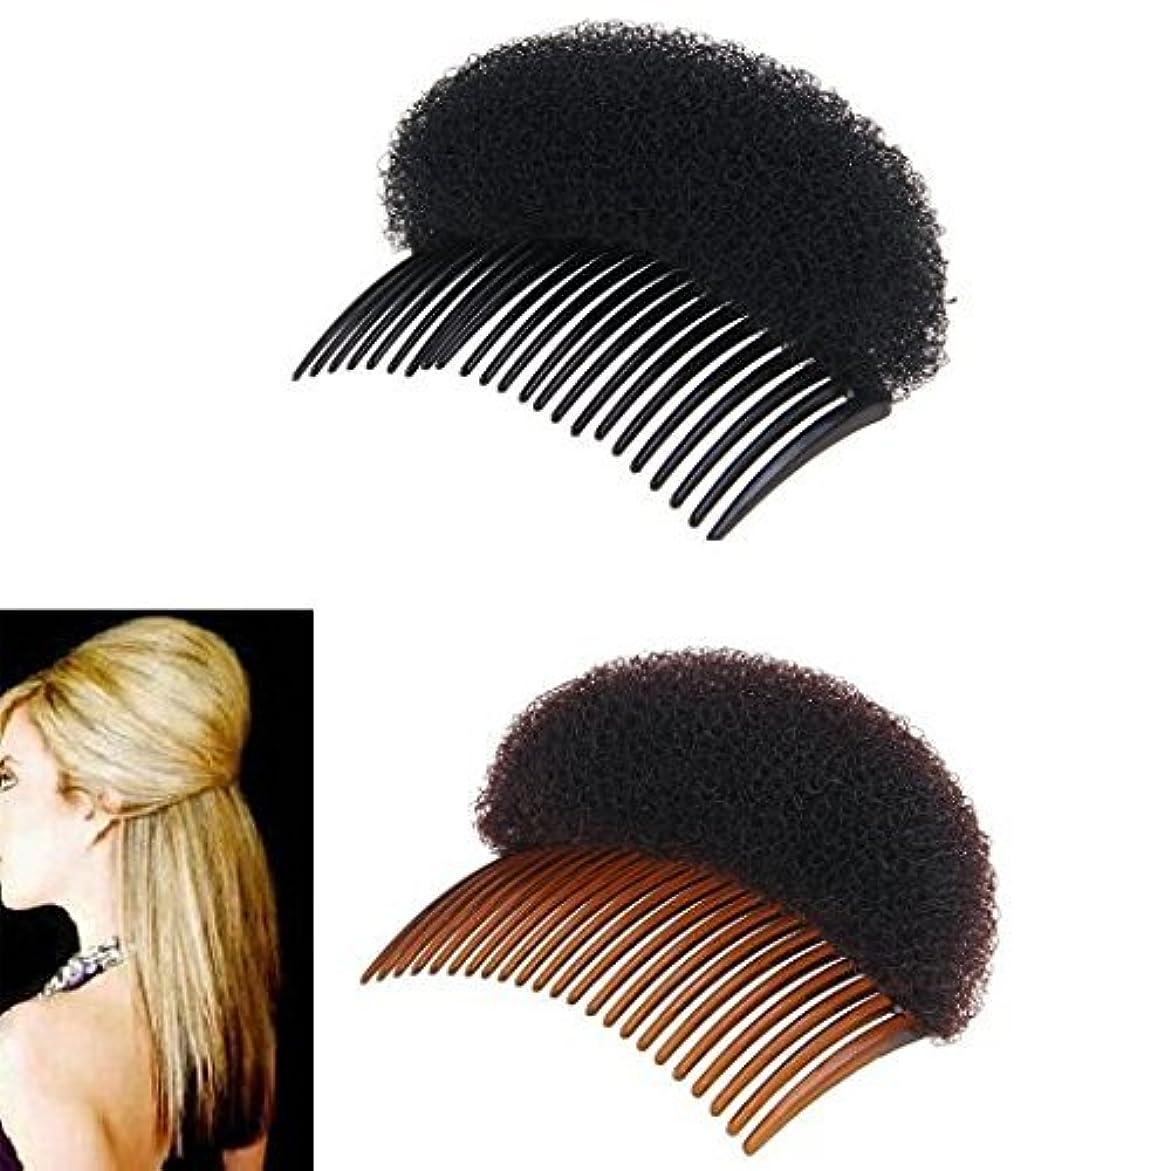 拷問敬の念休日に2Pices(1Black+1Brown) Women Bump It Up Volume Hair Base Styling Clip Stick Bum Maker Braid Insert Tool Do Beehive...